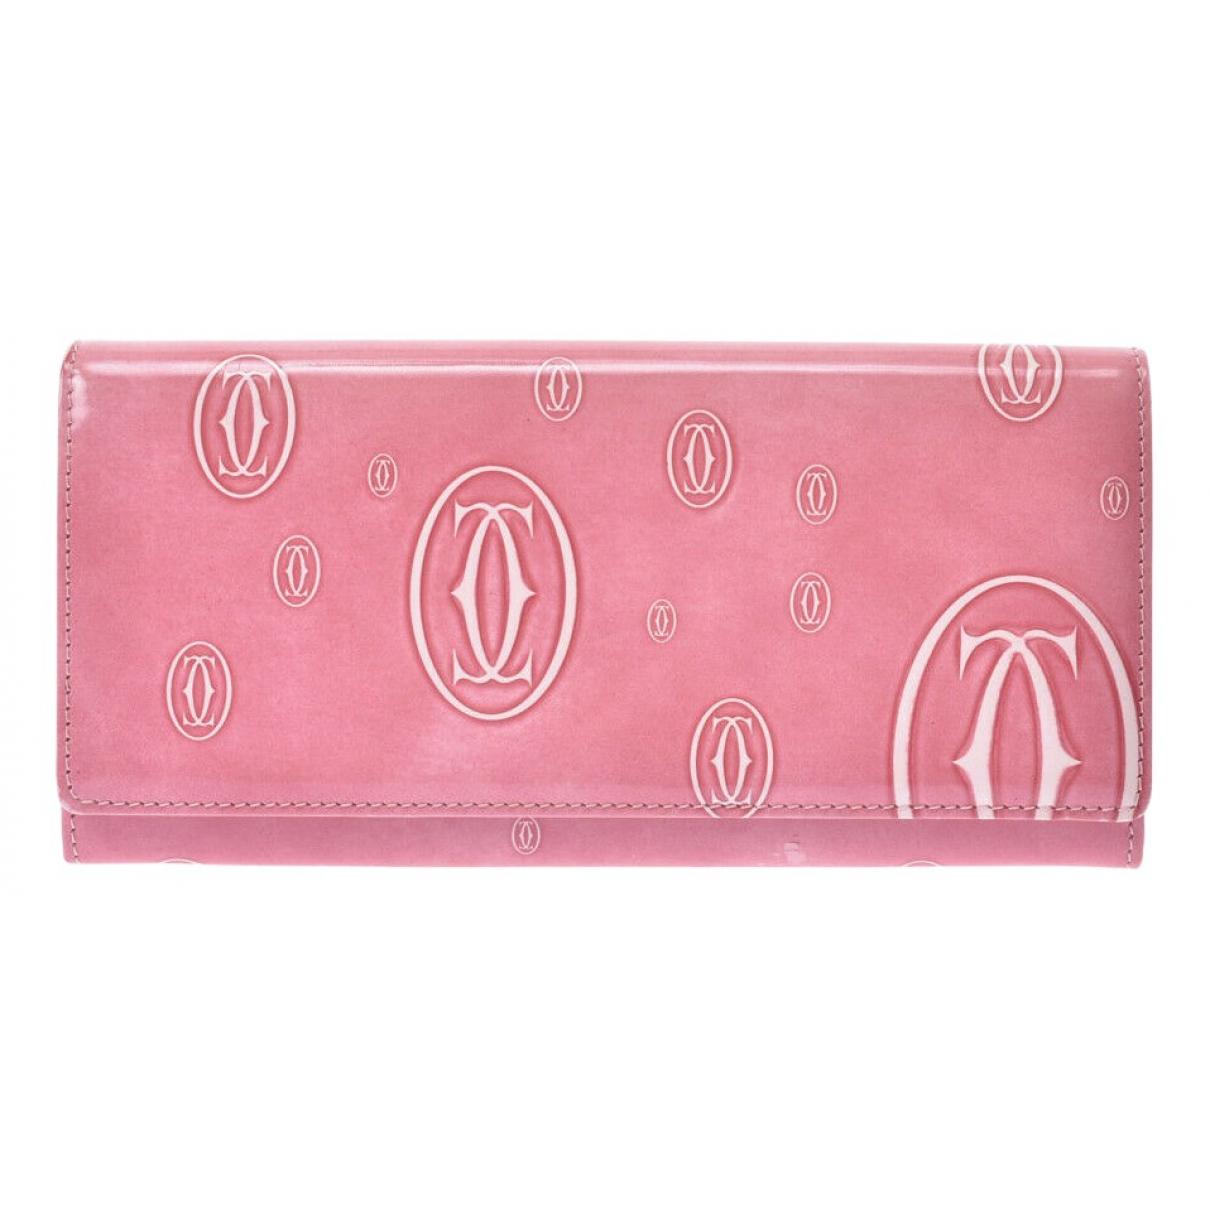 Cartier - Portefeuille   pour femme en cuir verni - rose